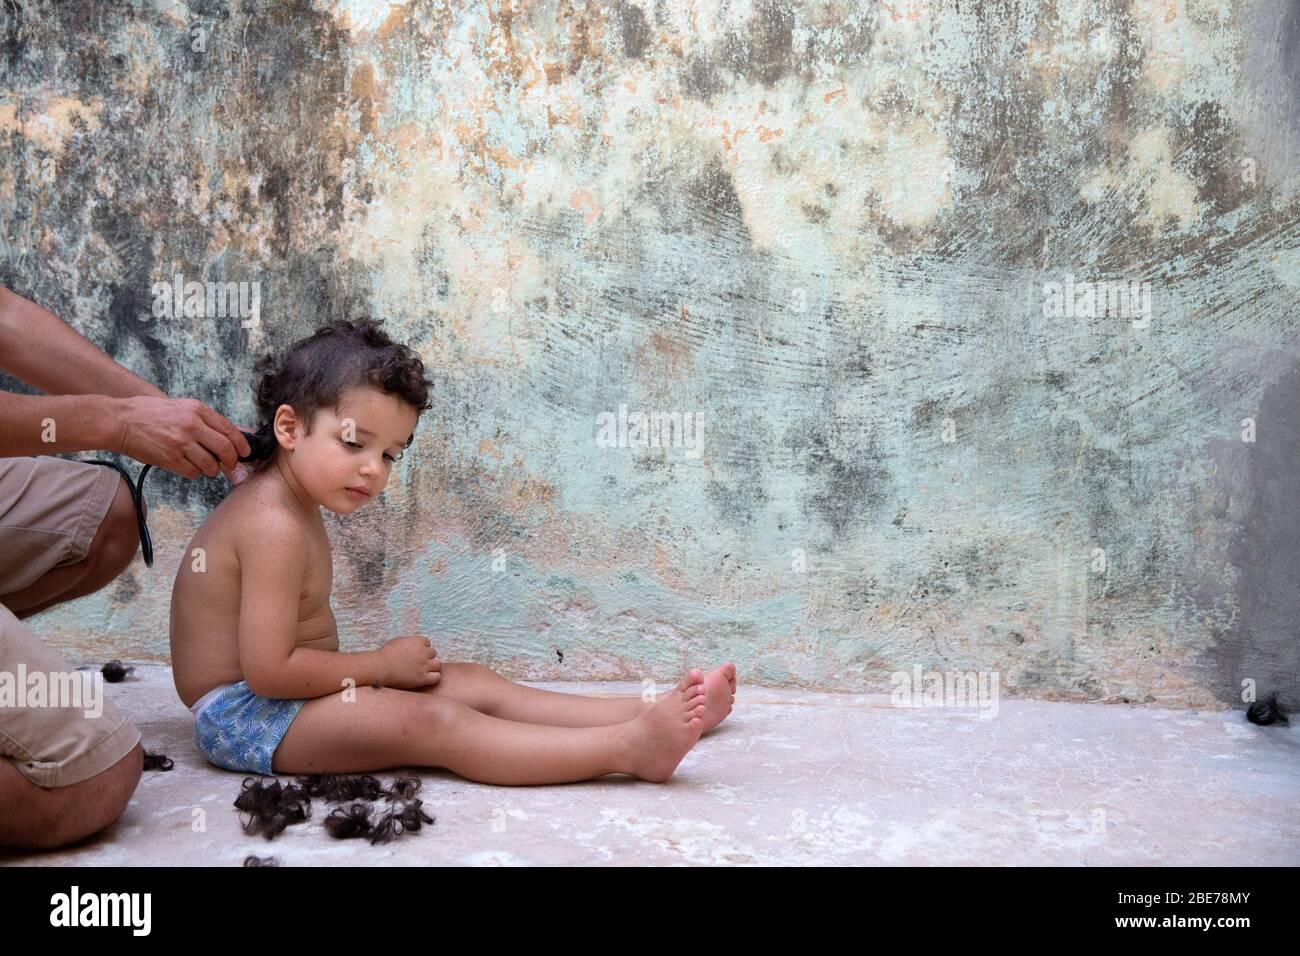 """Thiago tiene la cabeza afeitada por su padre en su vigésimo primer día de auto-aislamiento debido a la pandemia de Covid-19 en un hogar temporal en Mérida, Yucatán, México el 4 de abril de 2020. El fotógrafo Benedicte Desrus dijo: """"Toda la familia decidió afeitarse la cabeza, ya que entendemos que esta cuarentena podría durar varios meses y el tiempo es ahora de 42 grados Celsius aquí. Además, es una manera de recordar lo que vivimos en el futuro."""" Thiago, de 3 años, es hijo del fotógrafo. Fue documentado como parte de un proyecto titulado """"cuando crecí"""" sobre un niño que crecía en cuarentena, lejos de otros Foto de stock"""